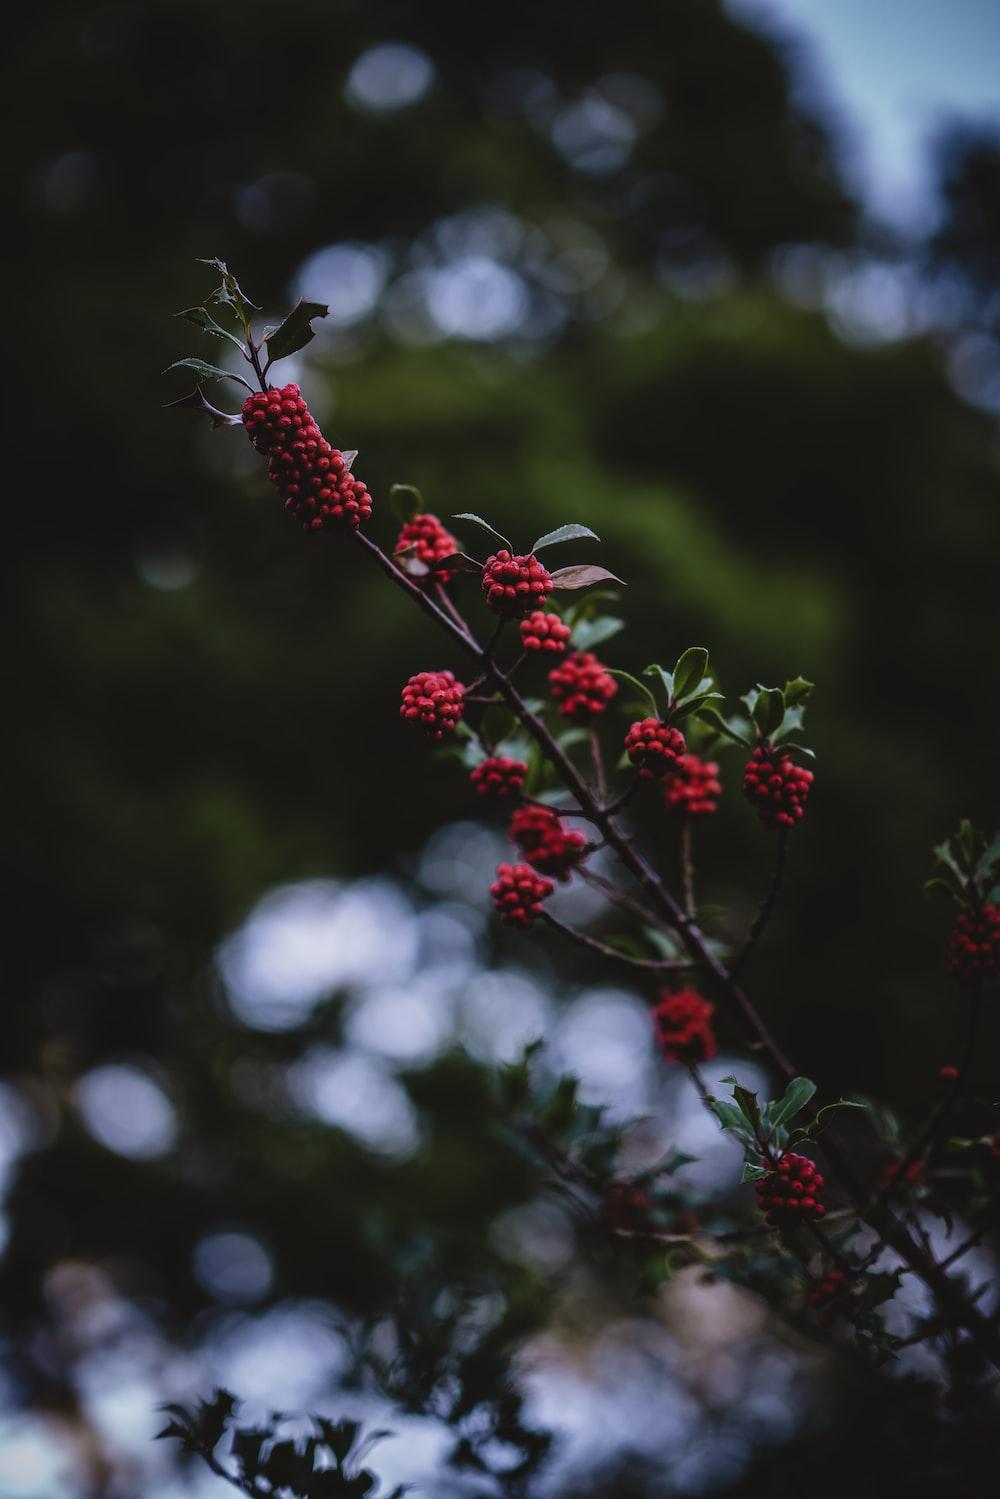 raspberries in tilt shift lens photograpy